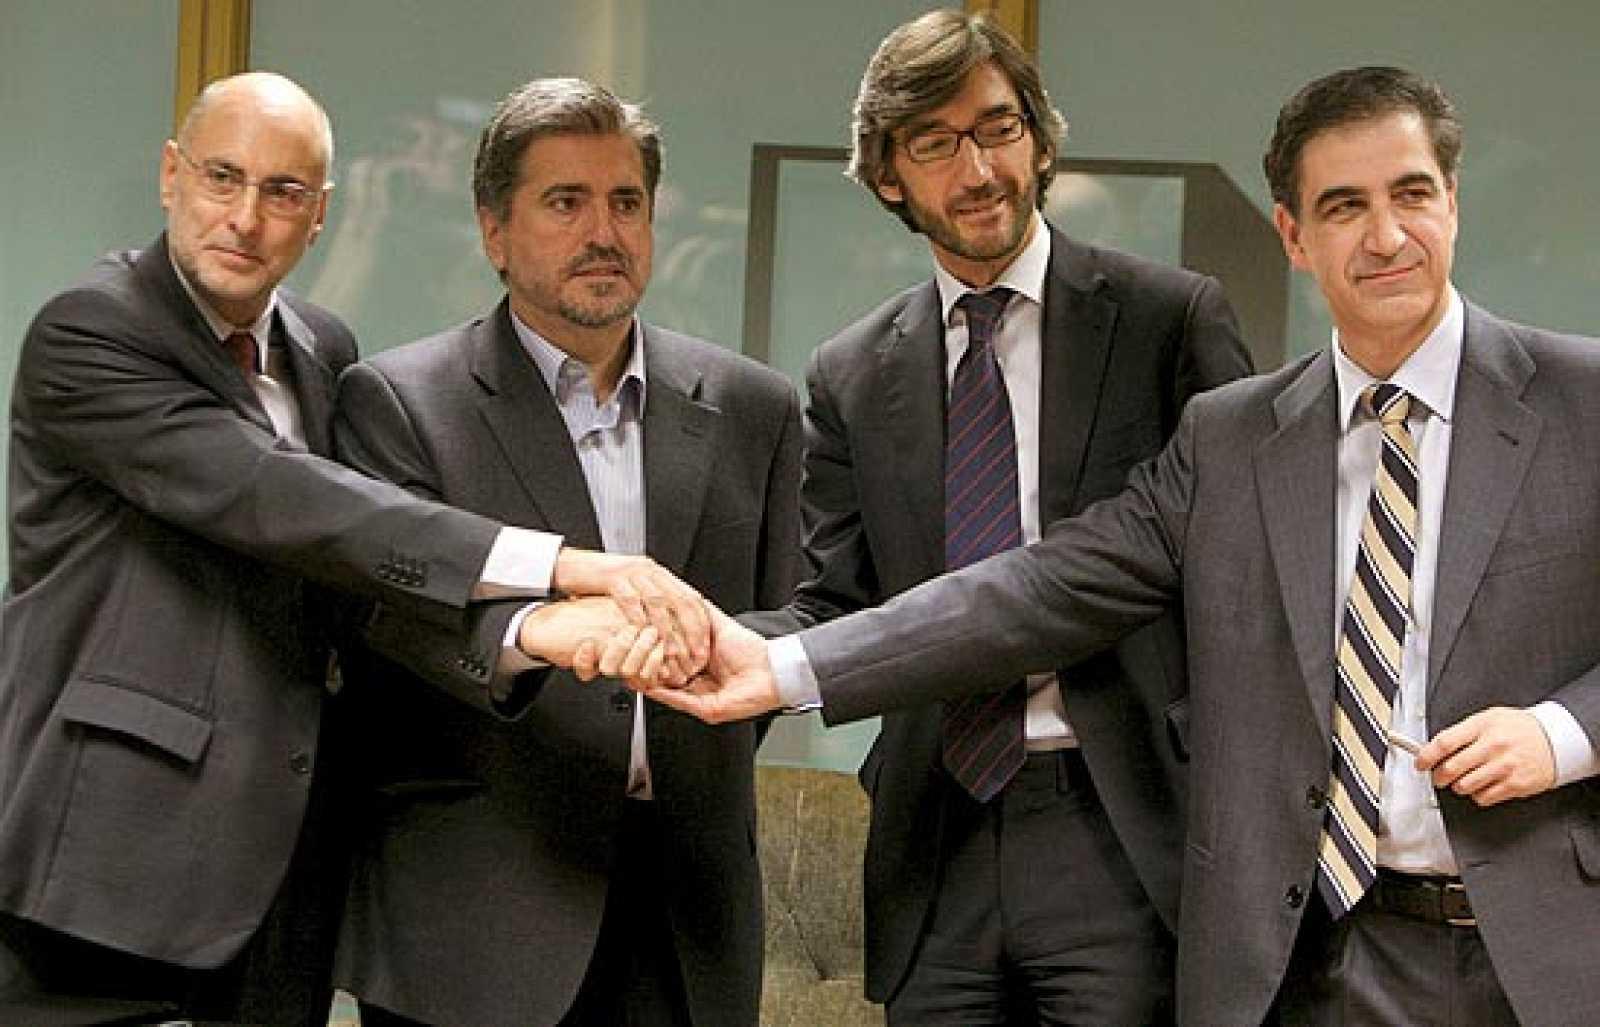 """Los socialistas y populares vascos han firmado el acuerdo """"Bases para un cambio democrático al servicio de la ciudadanía vasca"""" que garantiza el apoyo del PP a la investidura de López como lehendakari."""